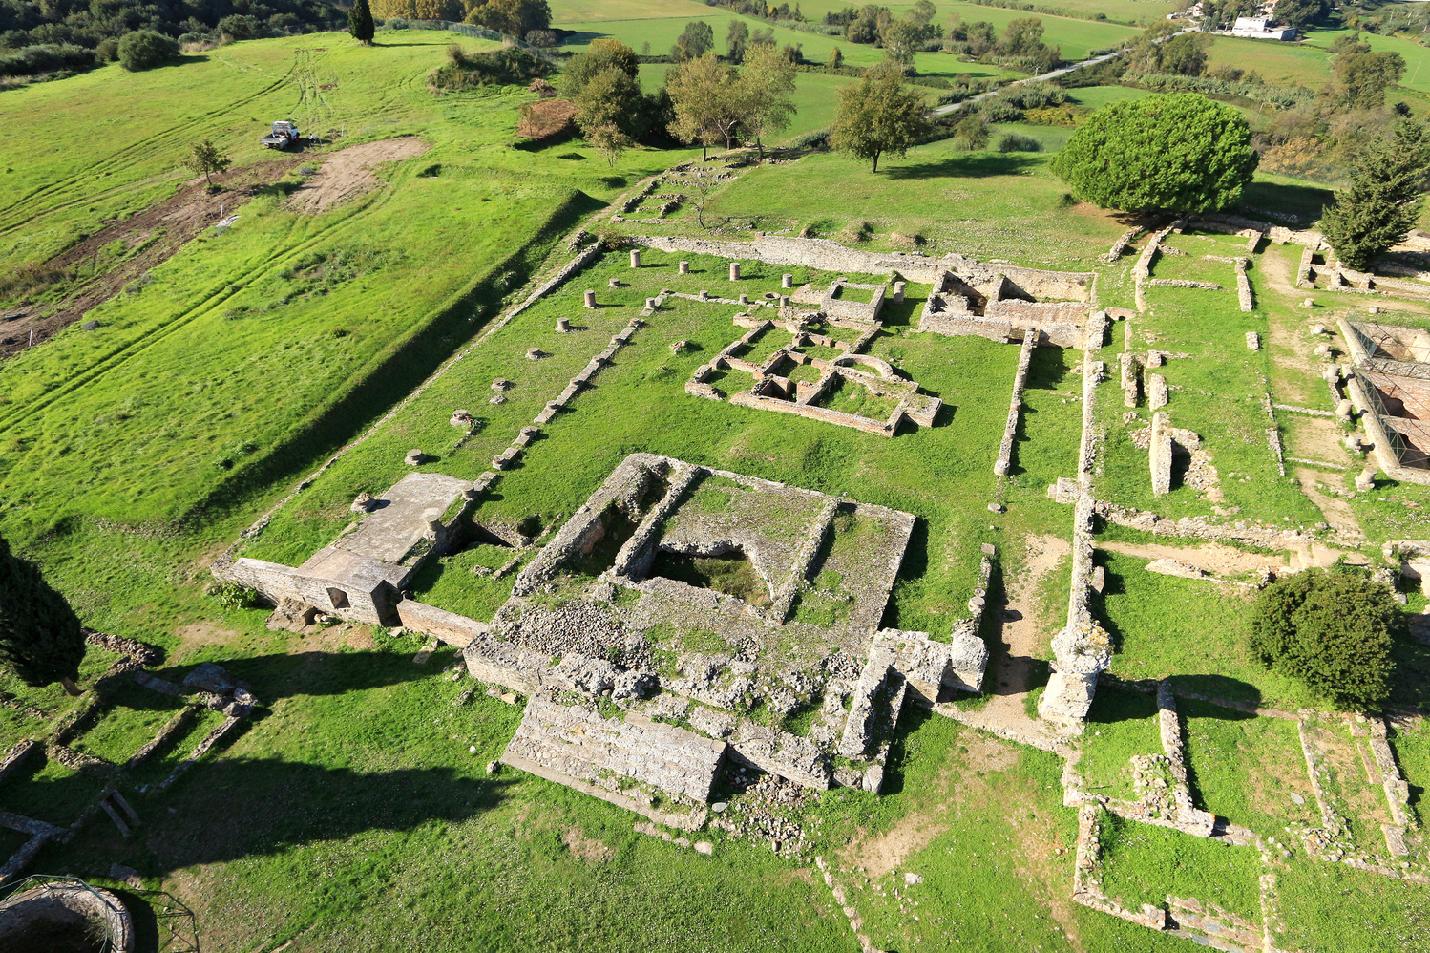 Le projet de sauvegarde et de réhabilitation du site Antique d'Aleria